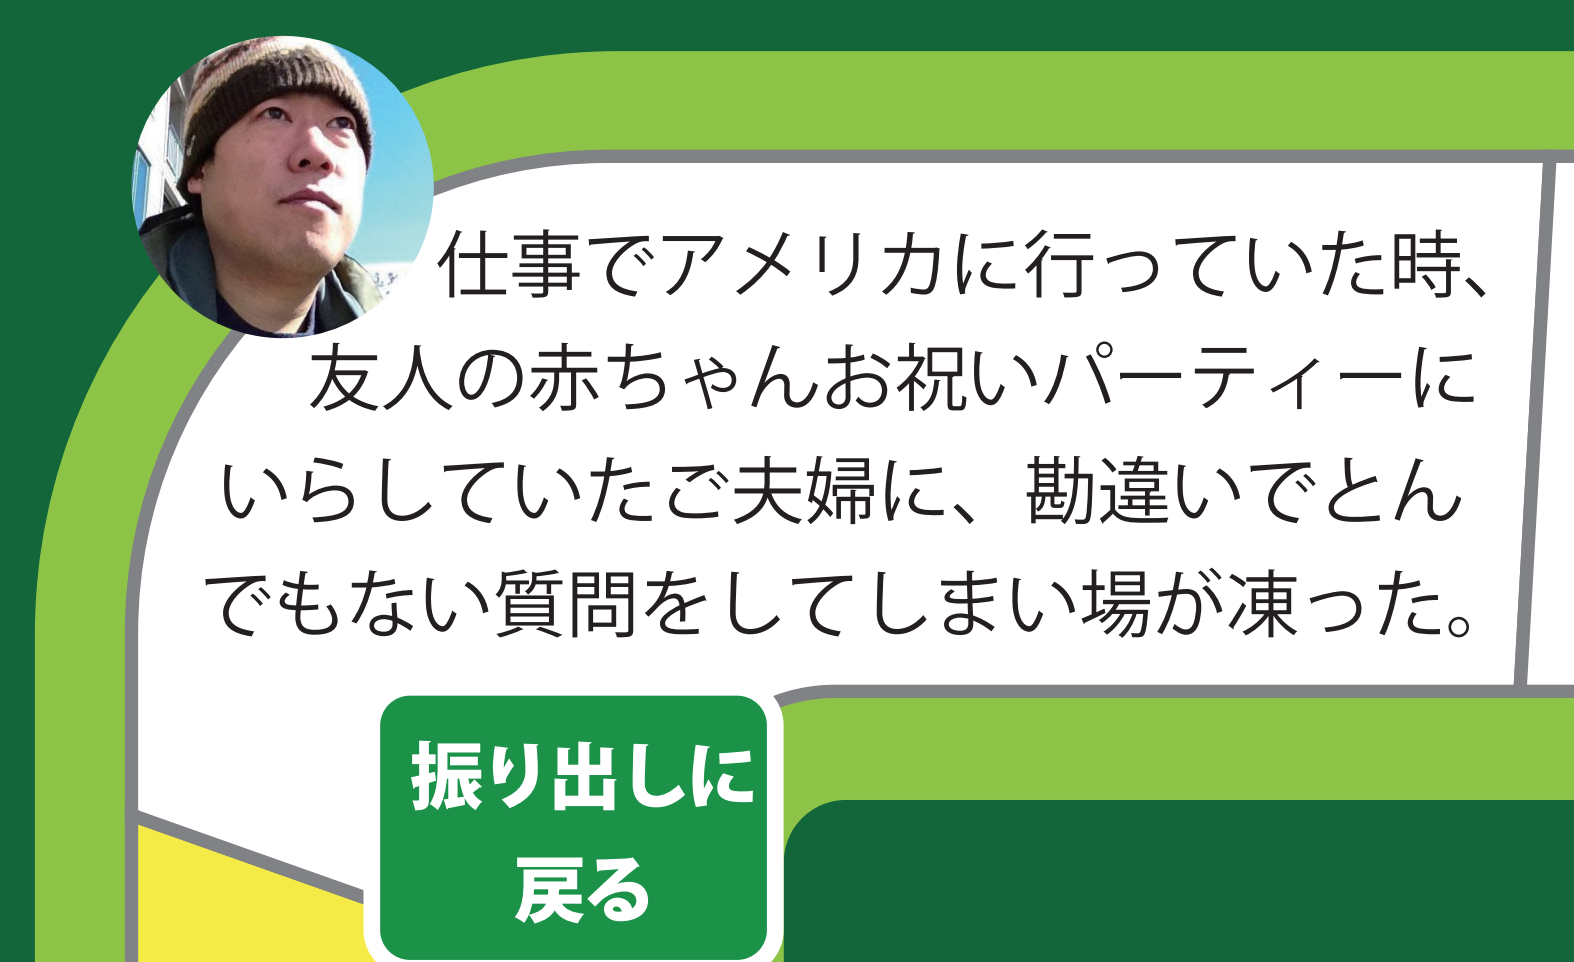 加藤さん.png